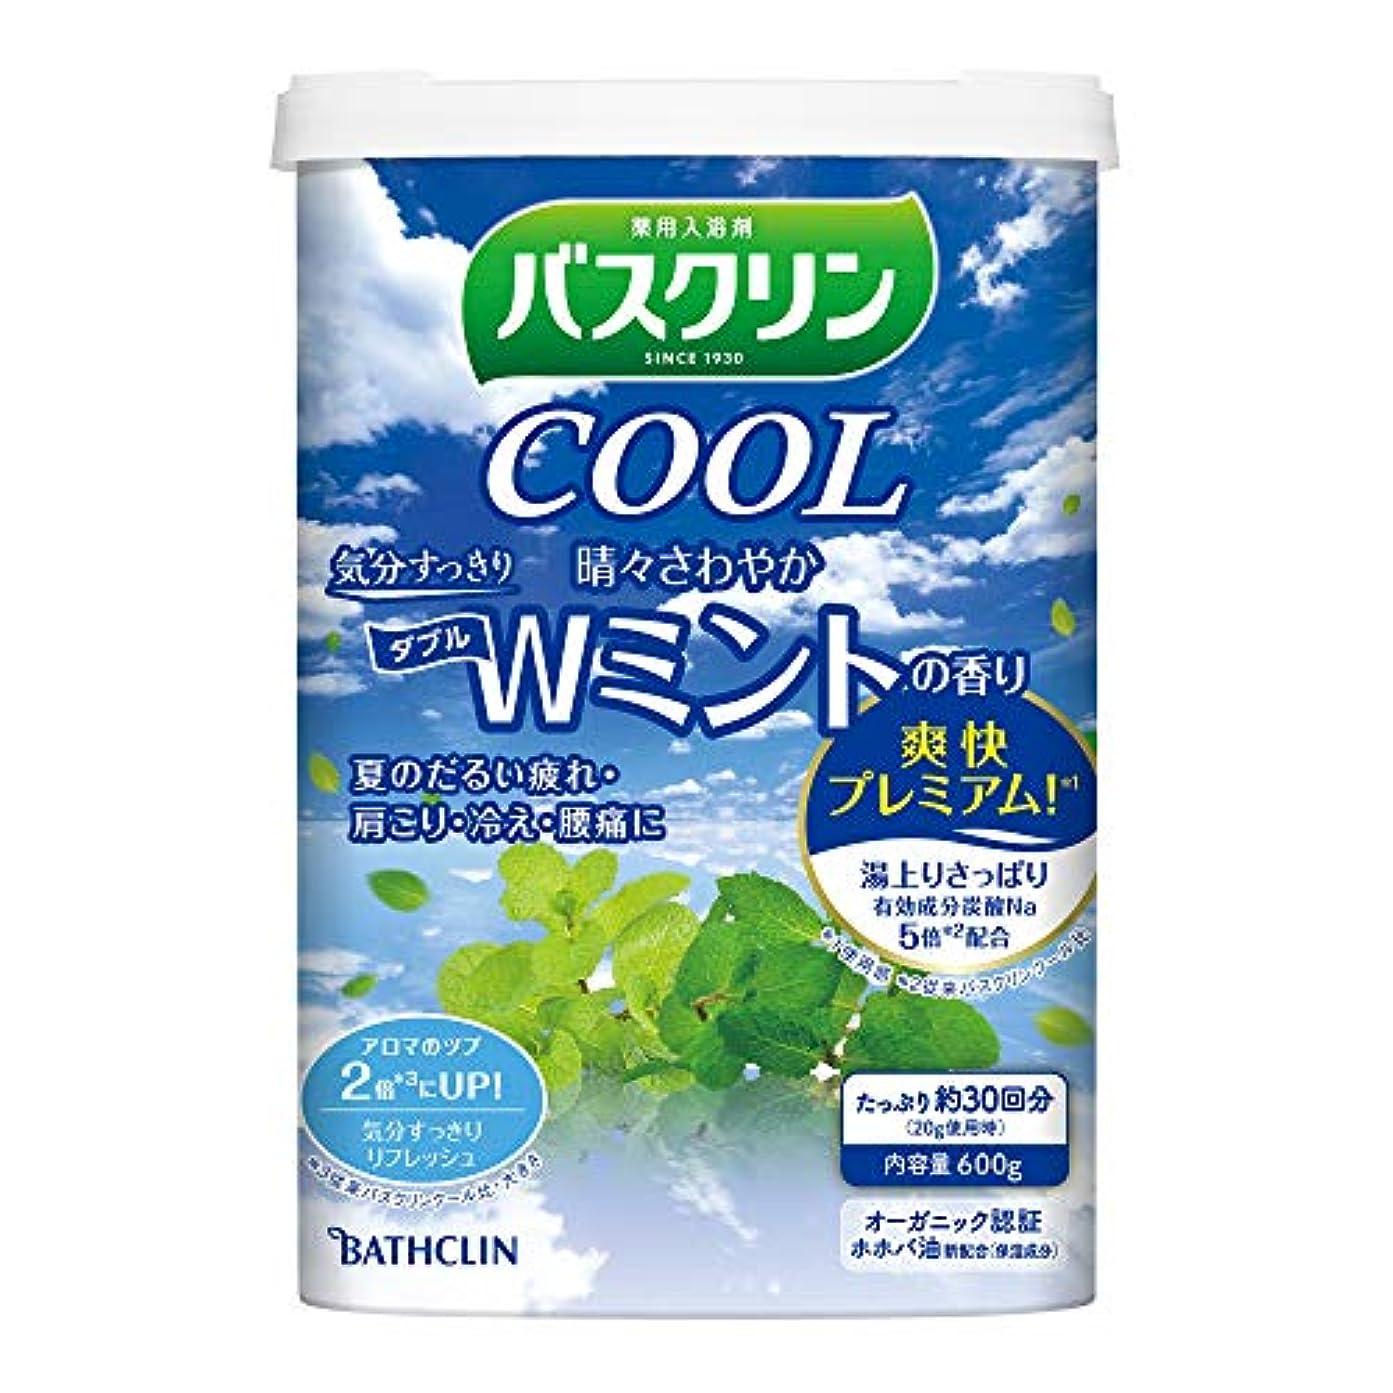 サバント排気表示【医薬部外品】バスクリンクール入浴剤 晴々さわやかWミントの香り600g クール入浴剤 すっきりさわやか